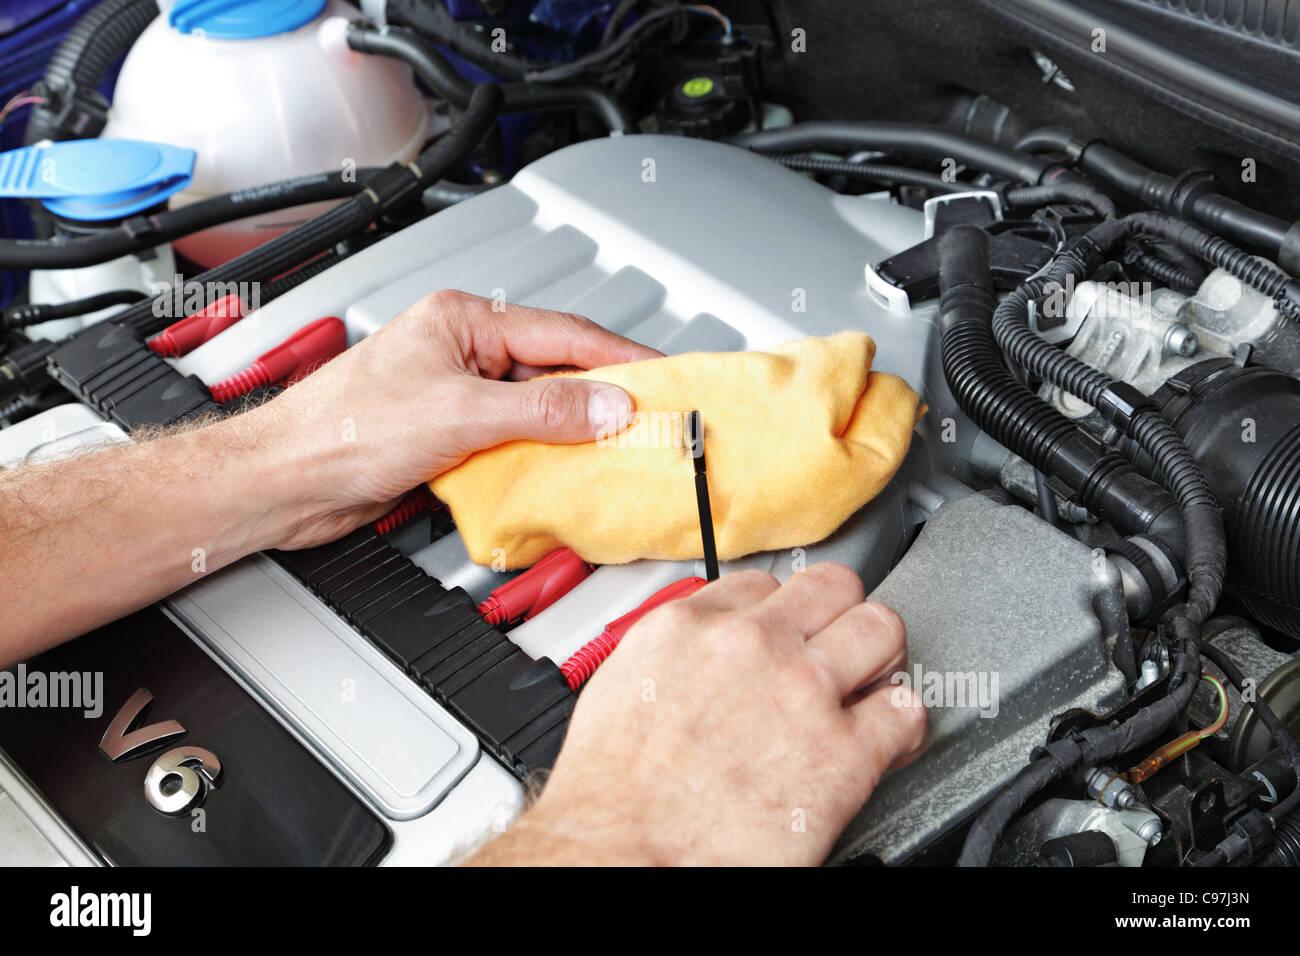 Mechanic checking motor oil - Stock Image